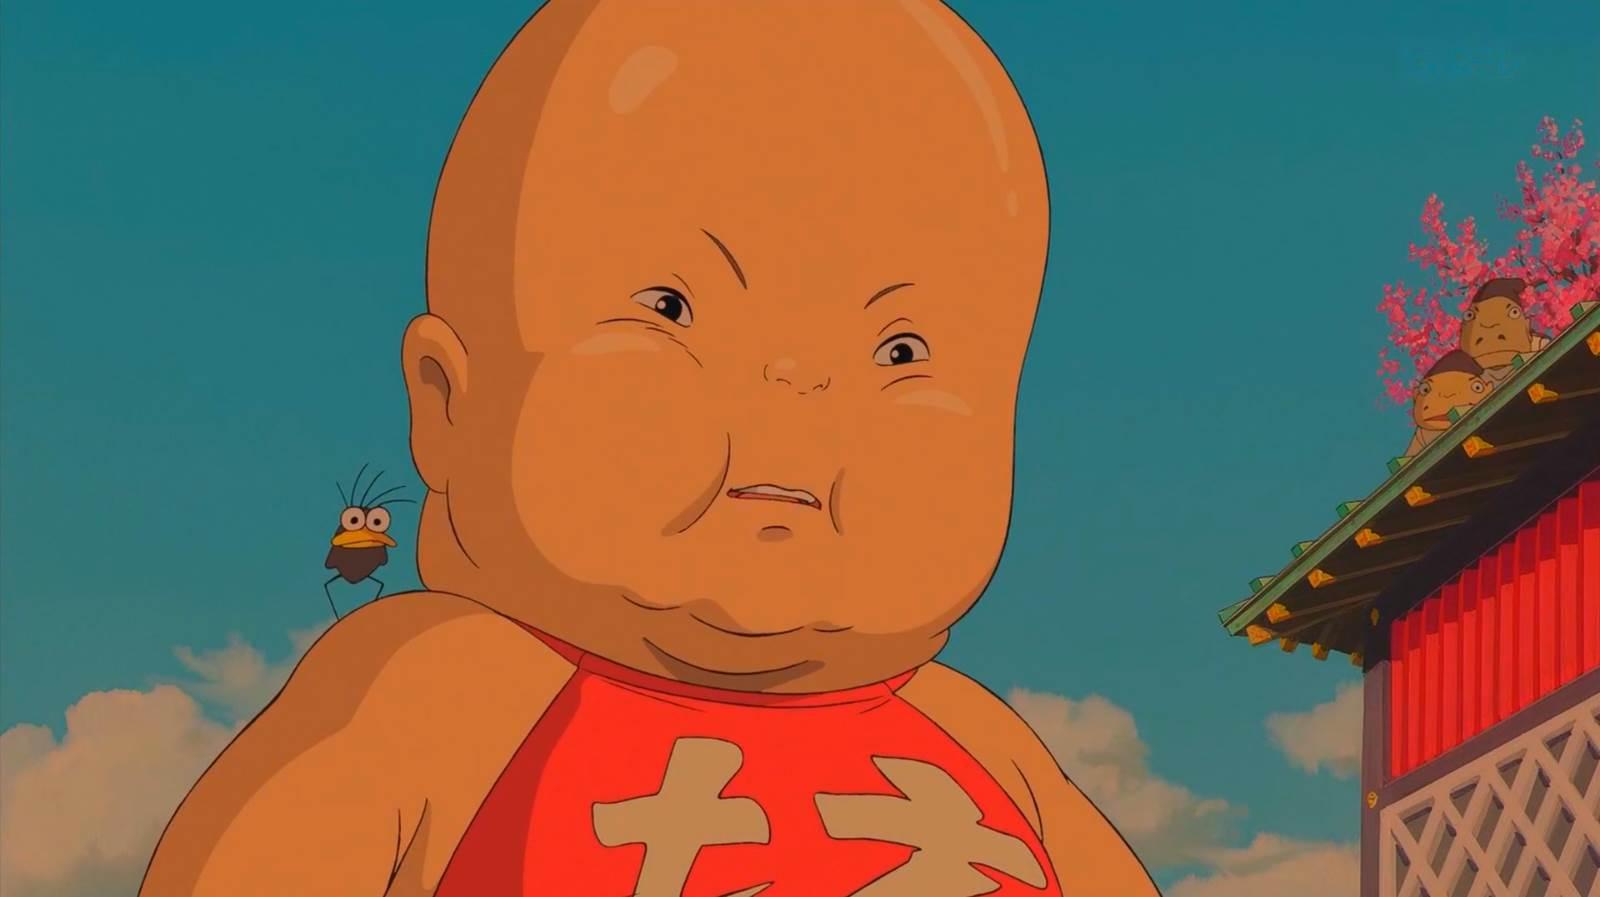 Sen to Chihiro no Kamikakushi, Don't make Sen cry!